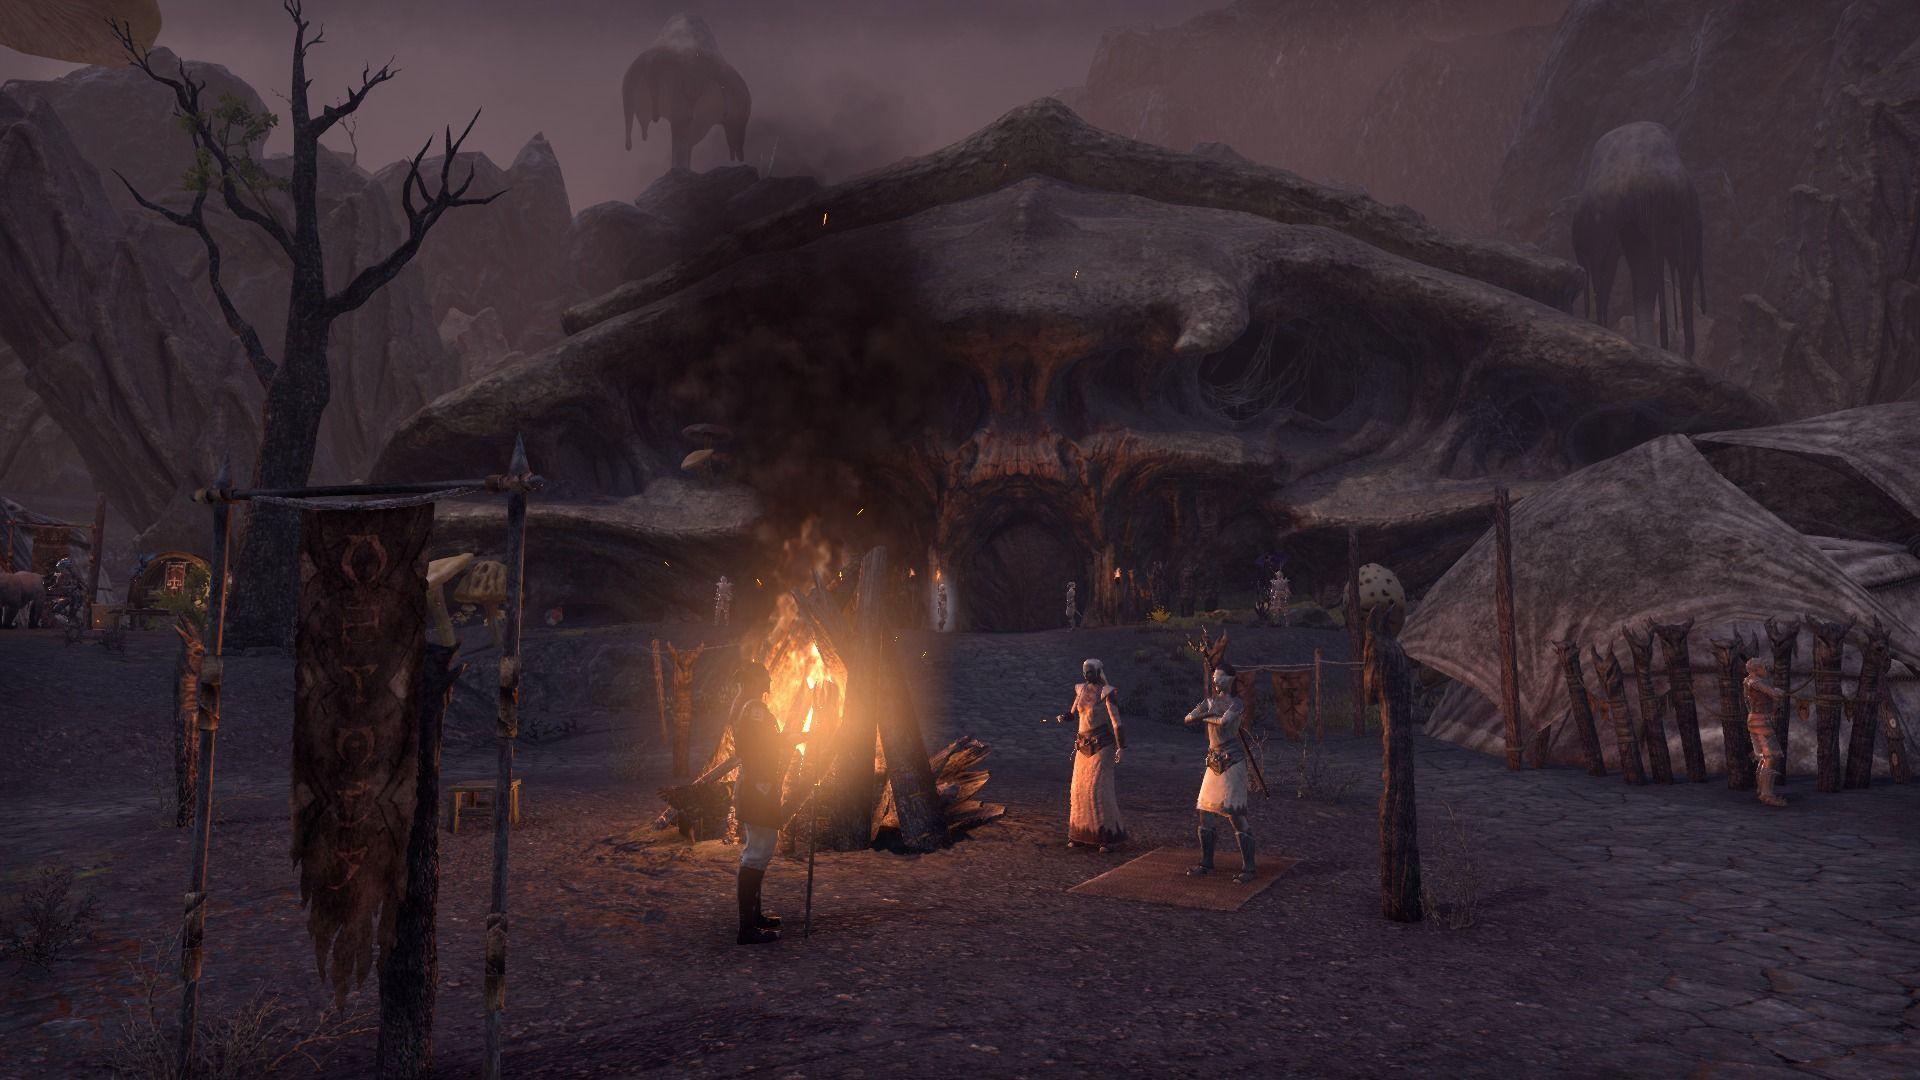 The Elder Scrolls Iii Morrowind Wallpapers Hd Desktop And Elder Scrolls Elder Scrolls Online Wallpaper